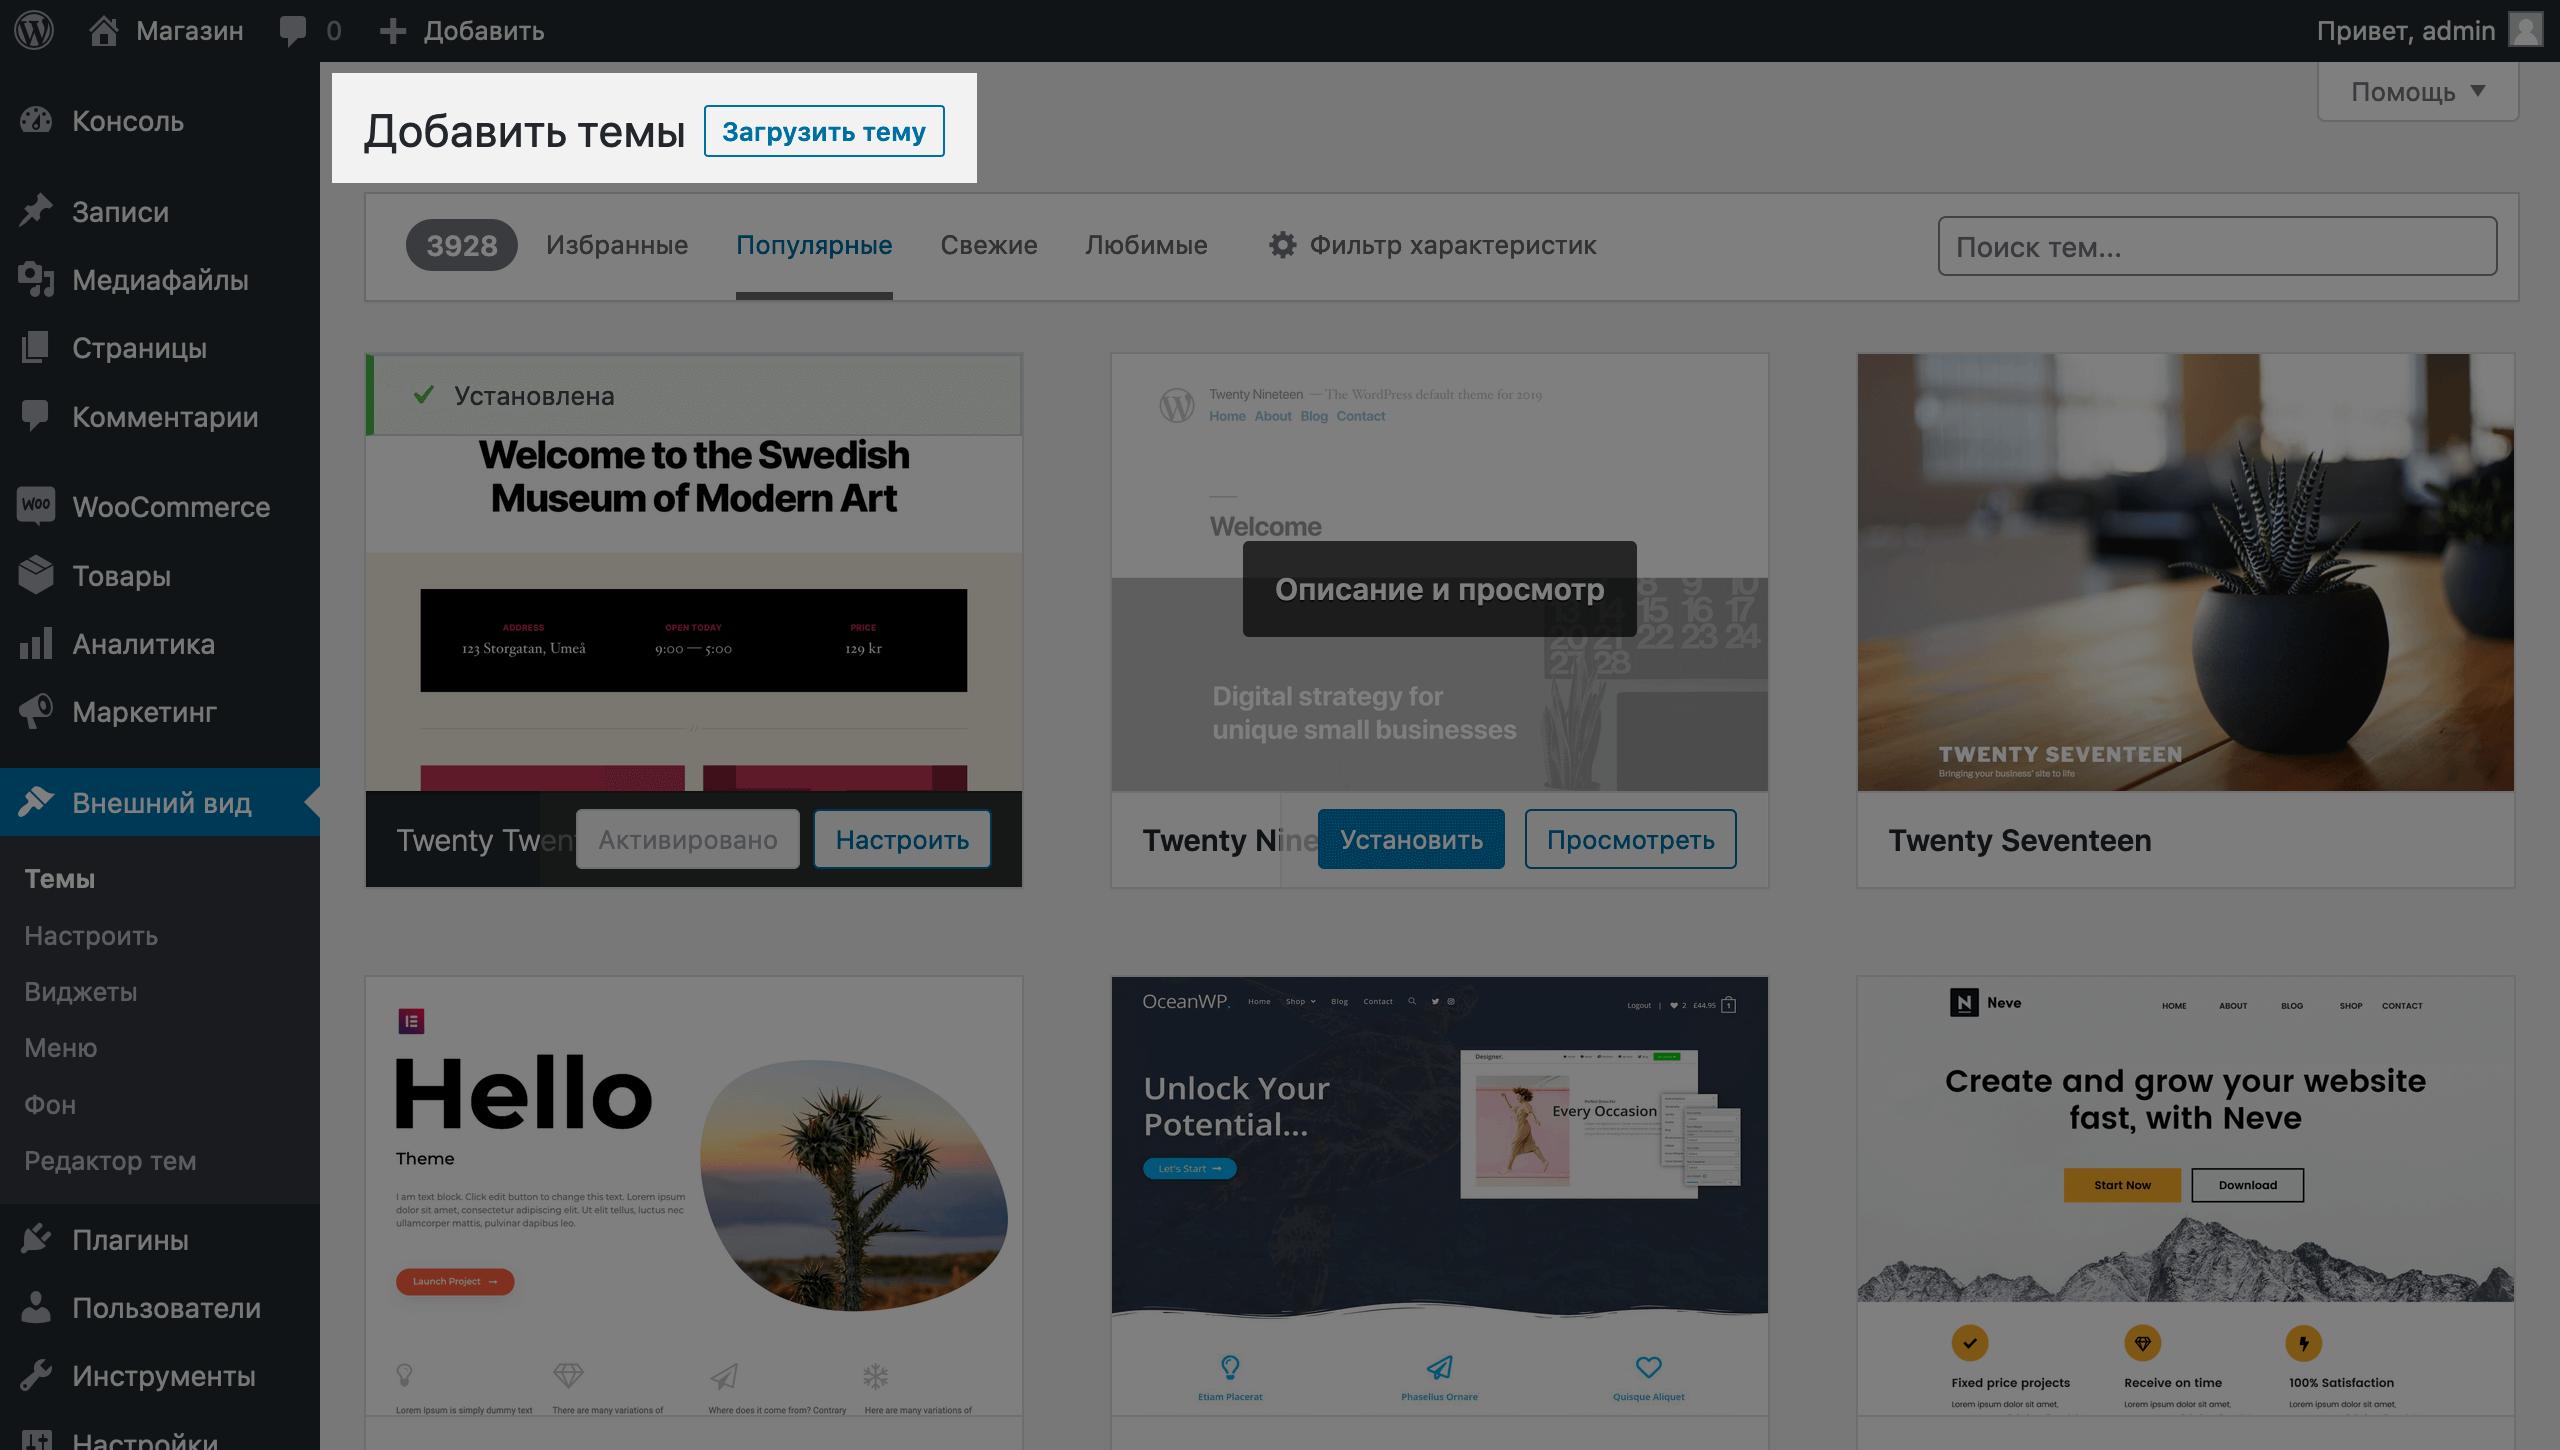 Создание интернет-магазина на WordPress: загрузка темы со своего компьютера